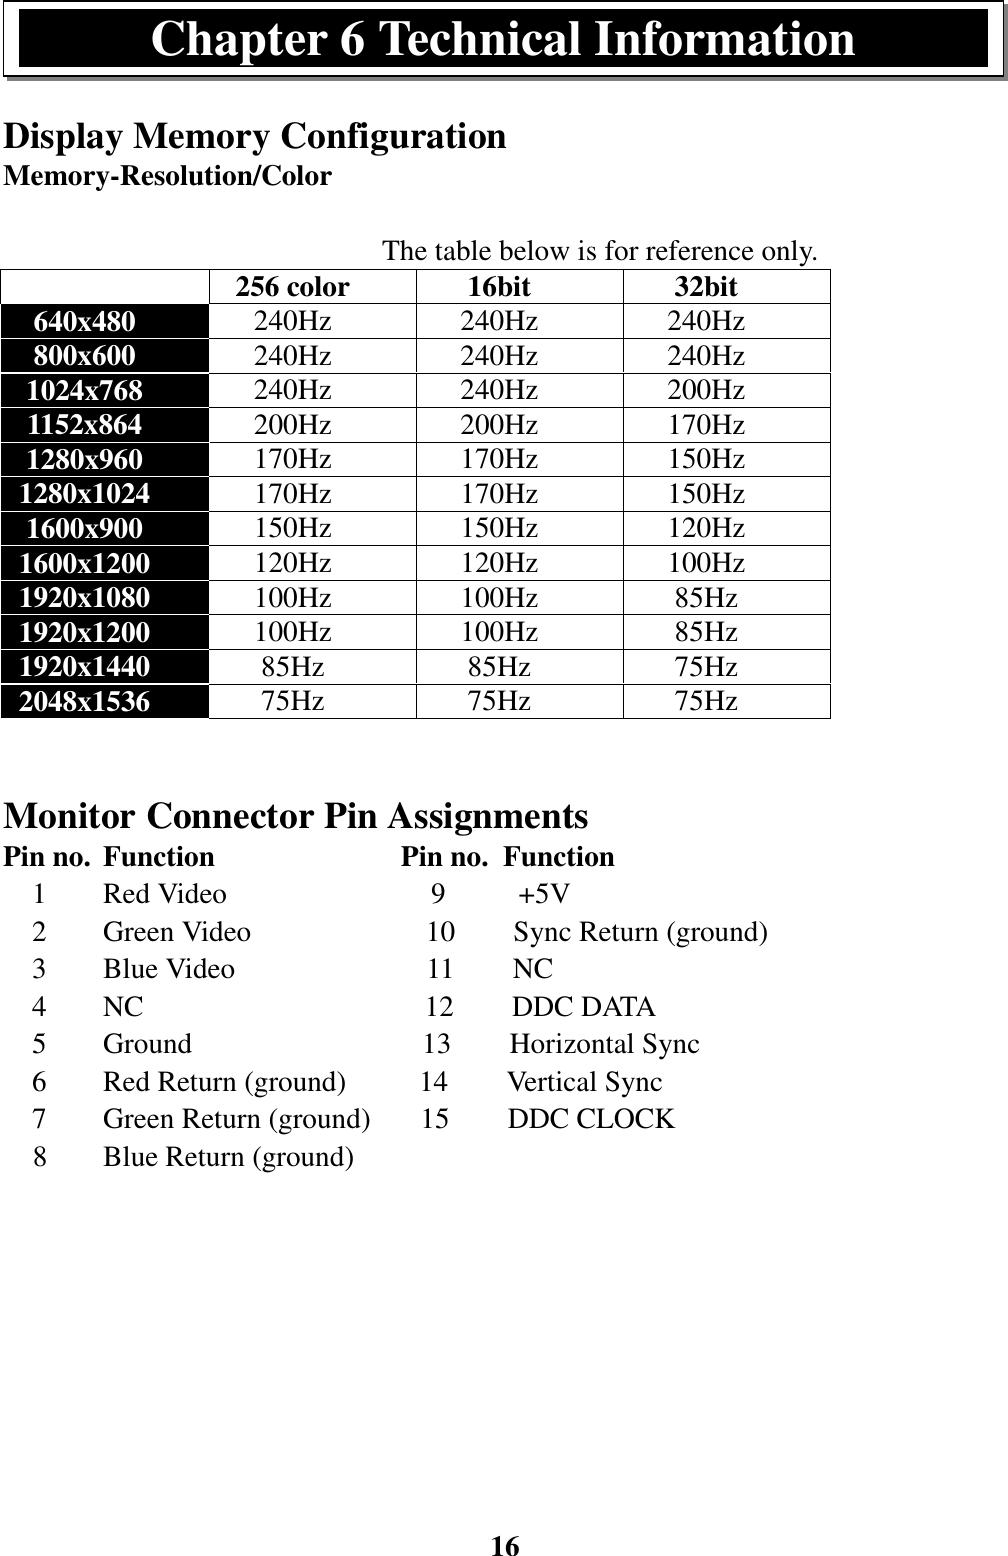 Gainward Co VGA-GWV05 VGA Card User Manual users manual